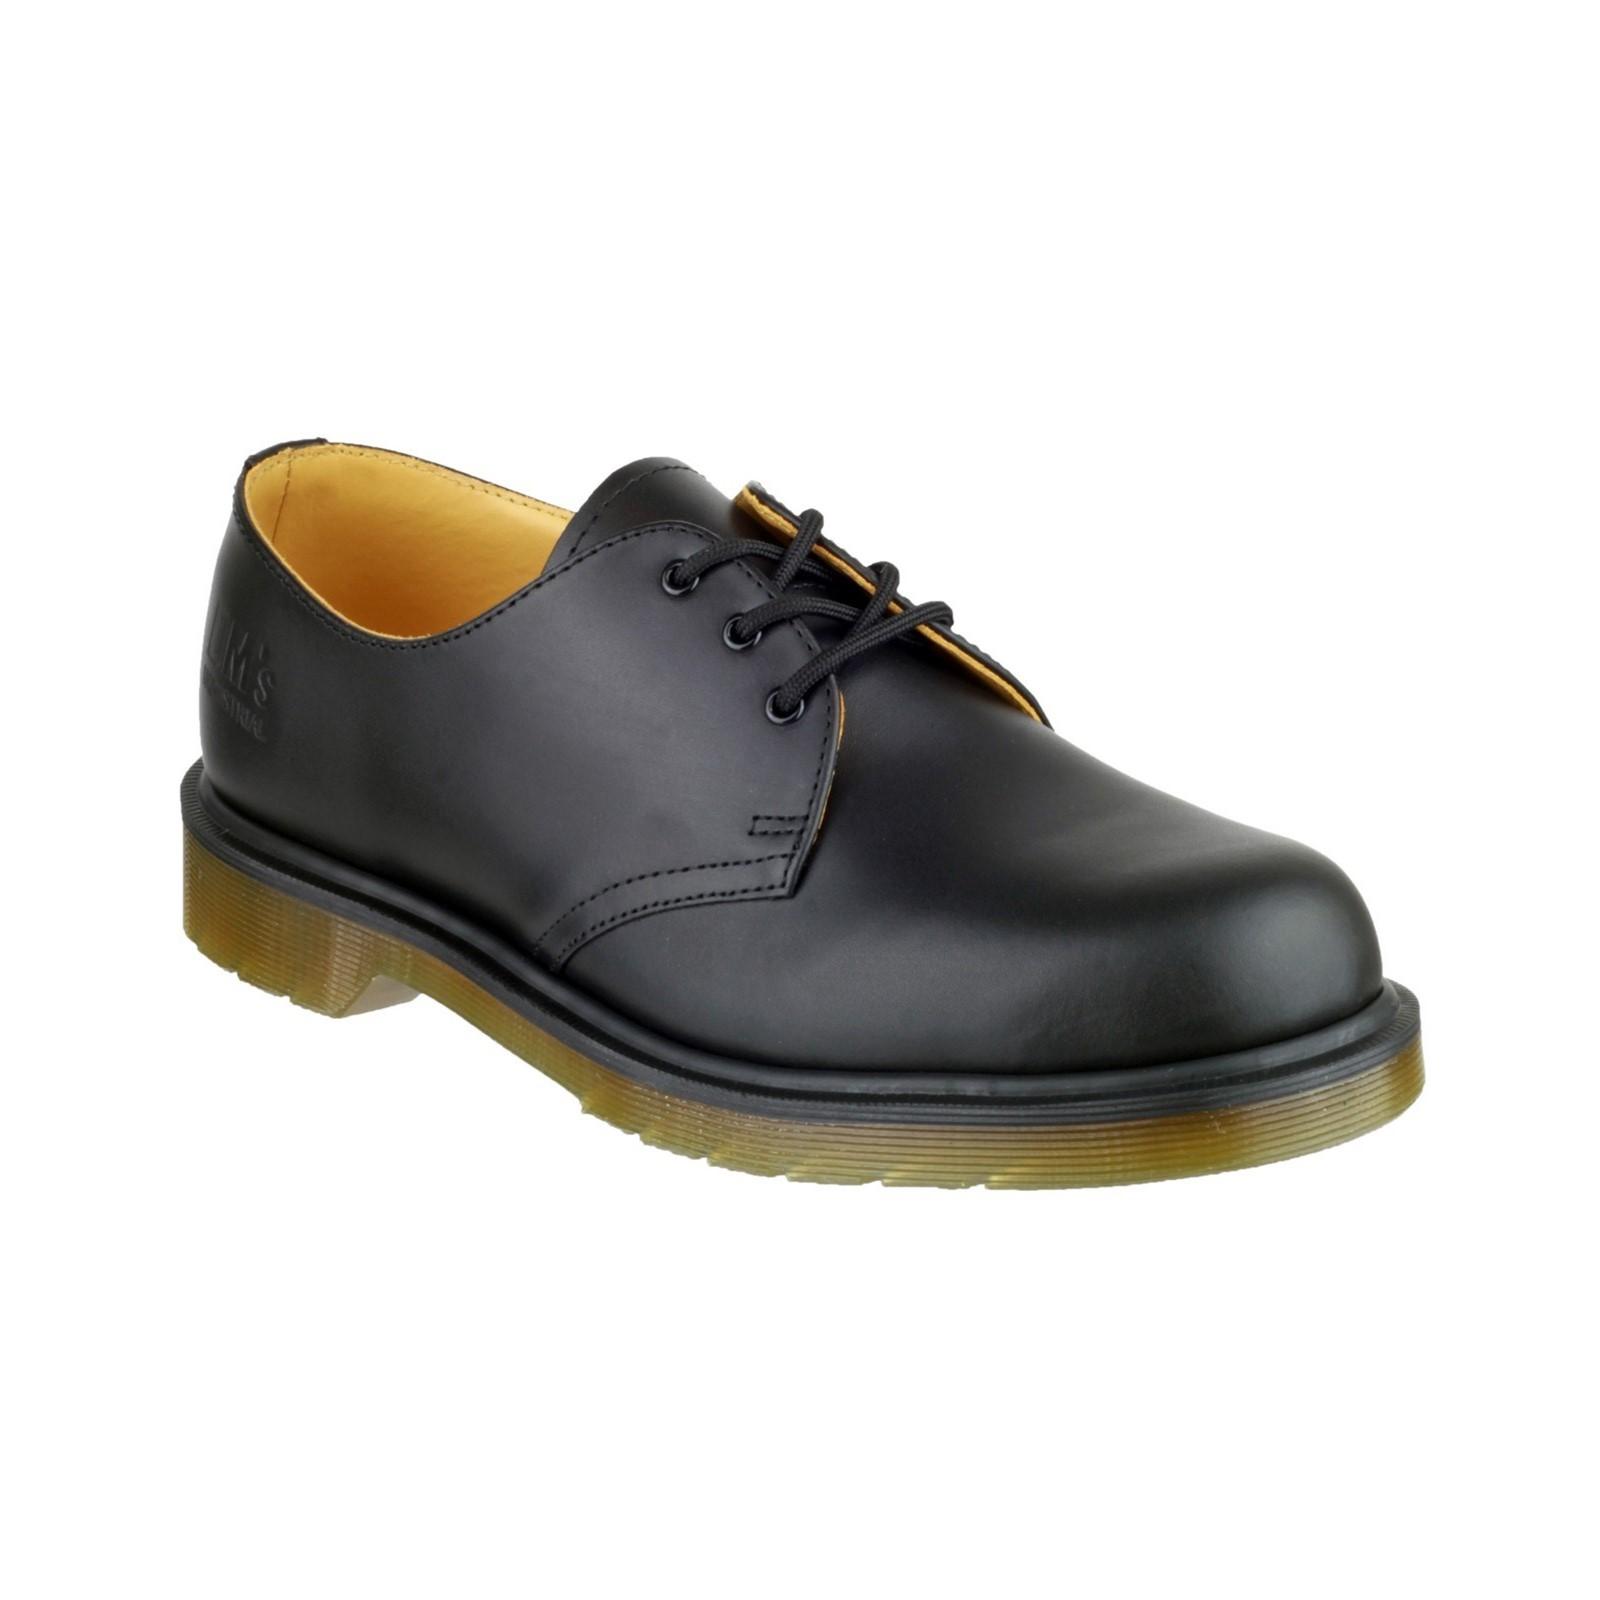 Dr Martens Herren B8249 Schnürschuhe Lederschuhe Herrenschuhe Schuhe Halbschuhe